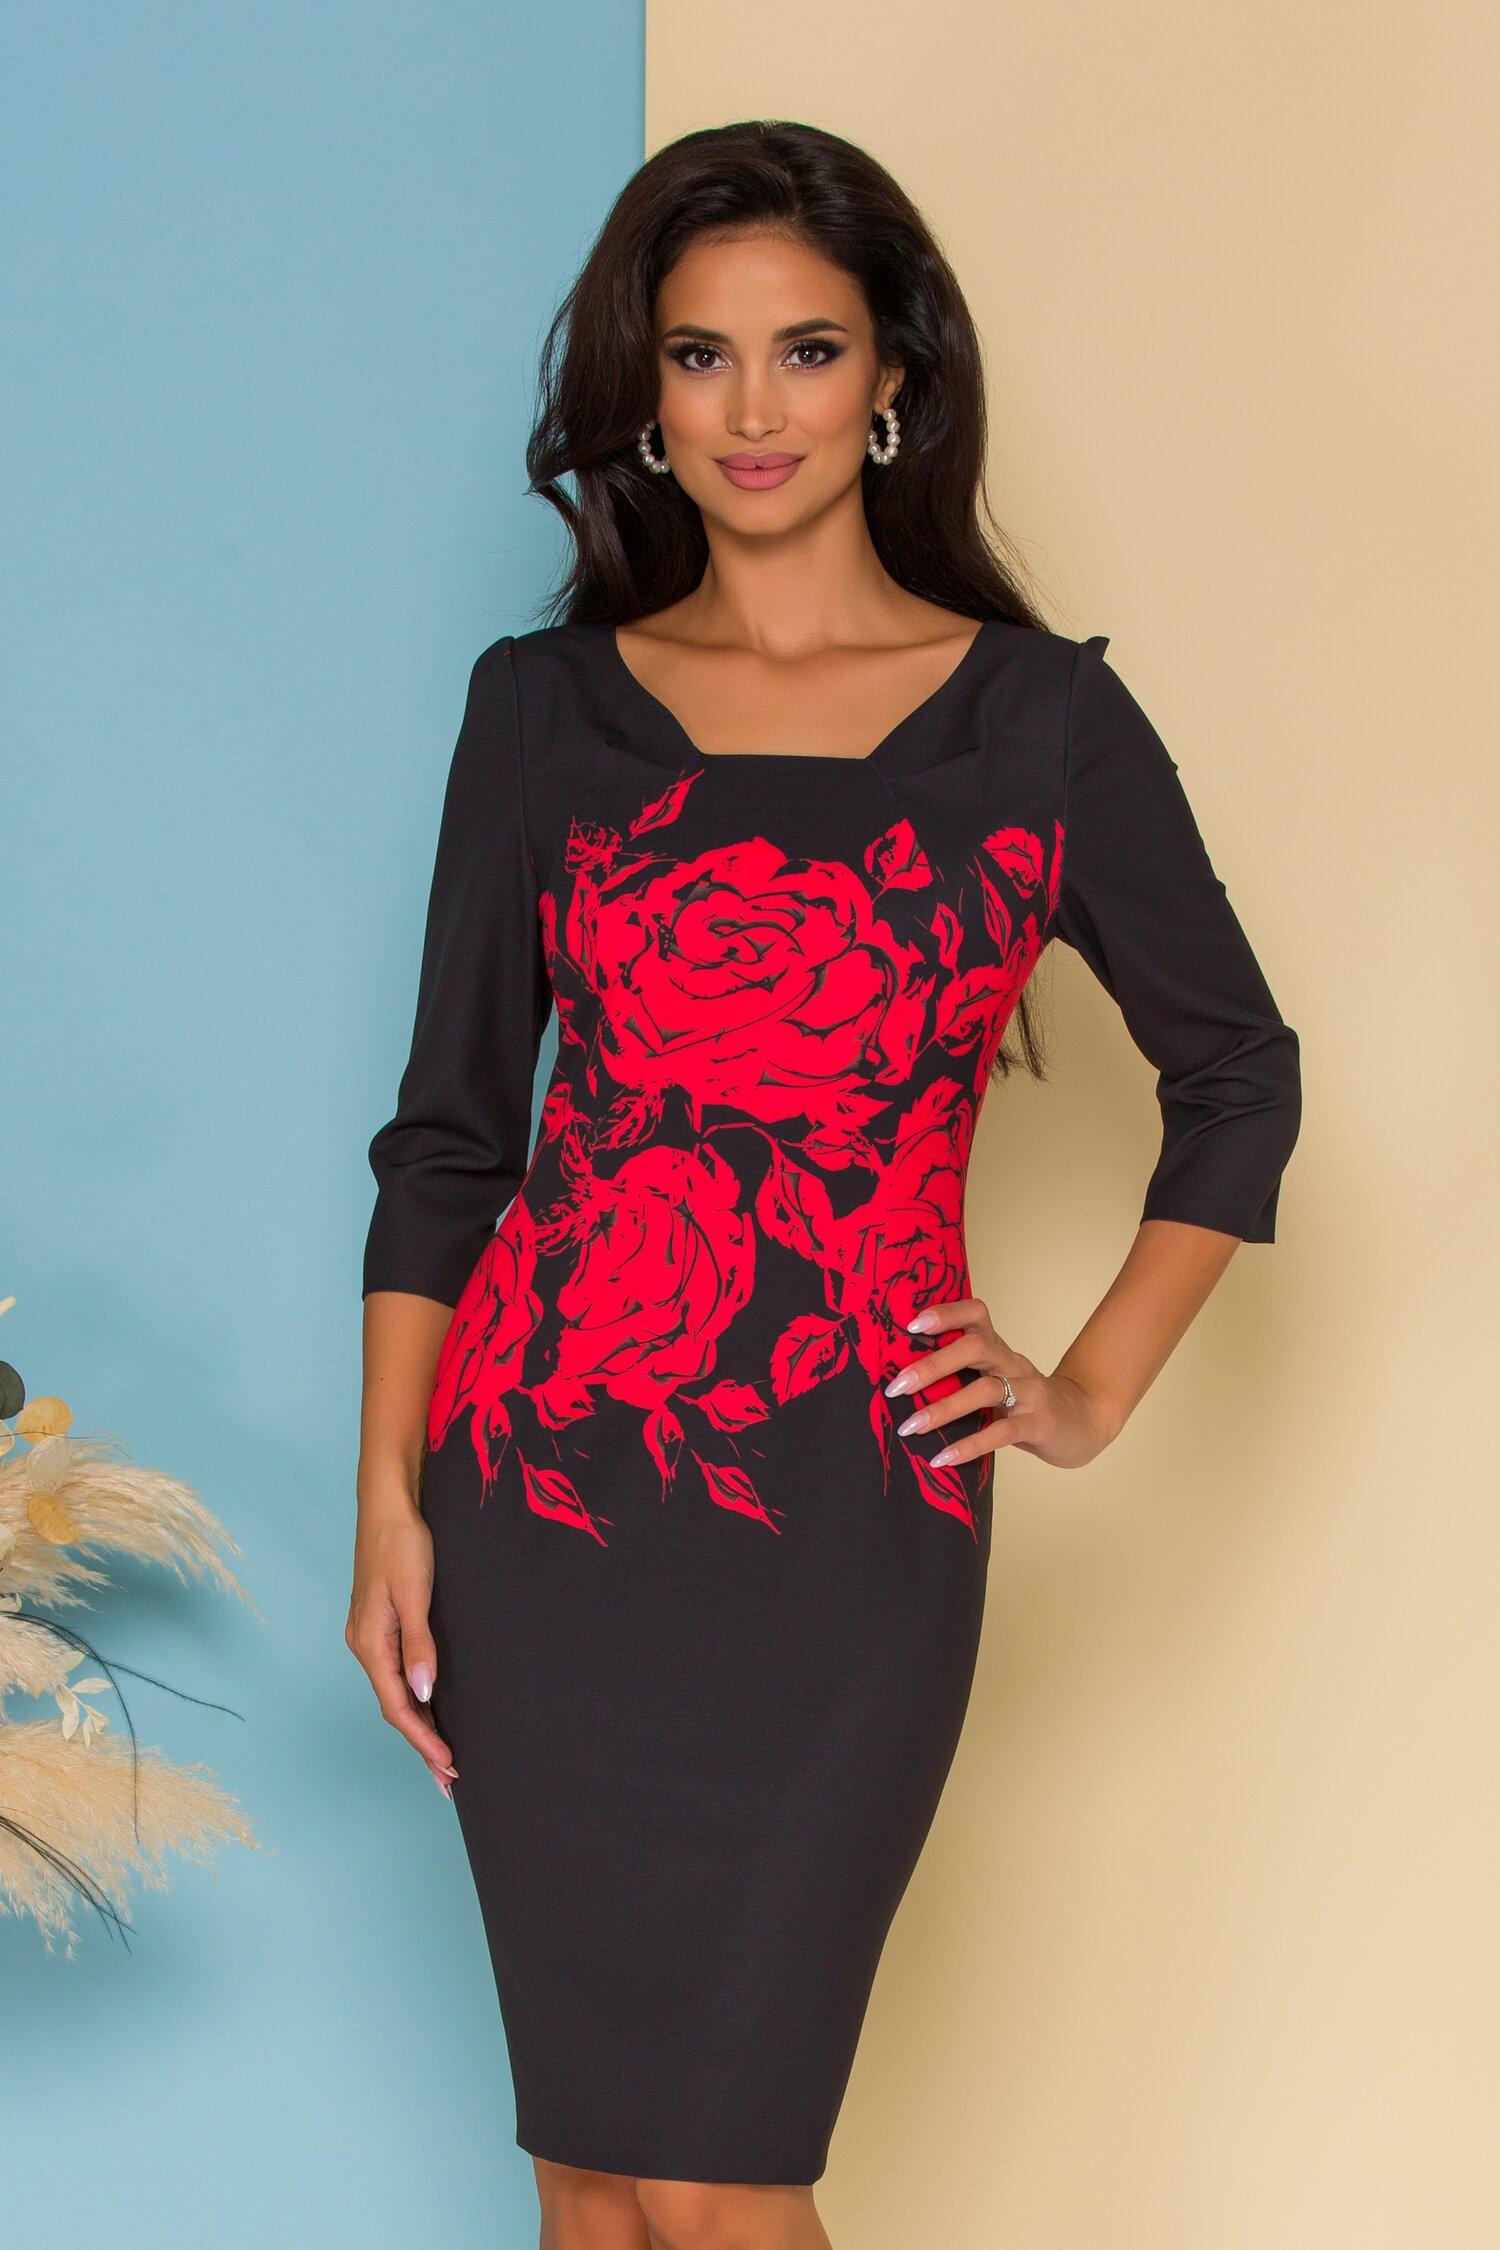 Rochie Danny neagra cu imprimeu floral rosu